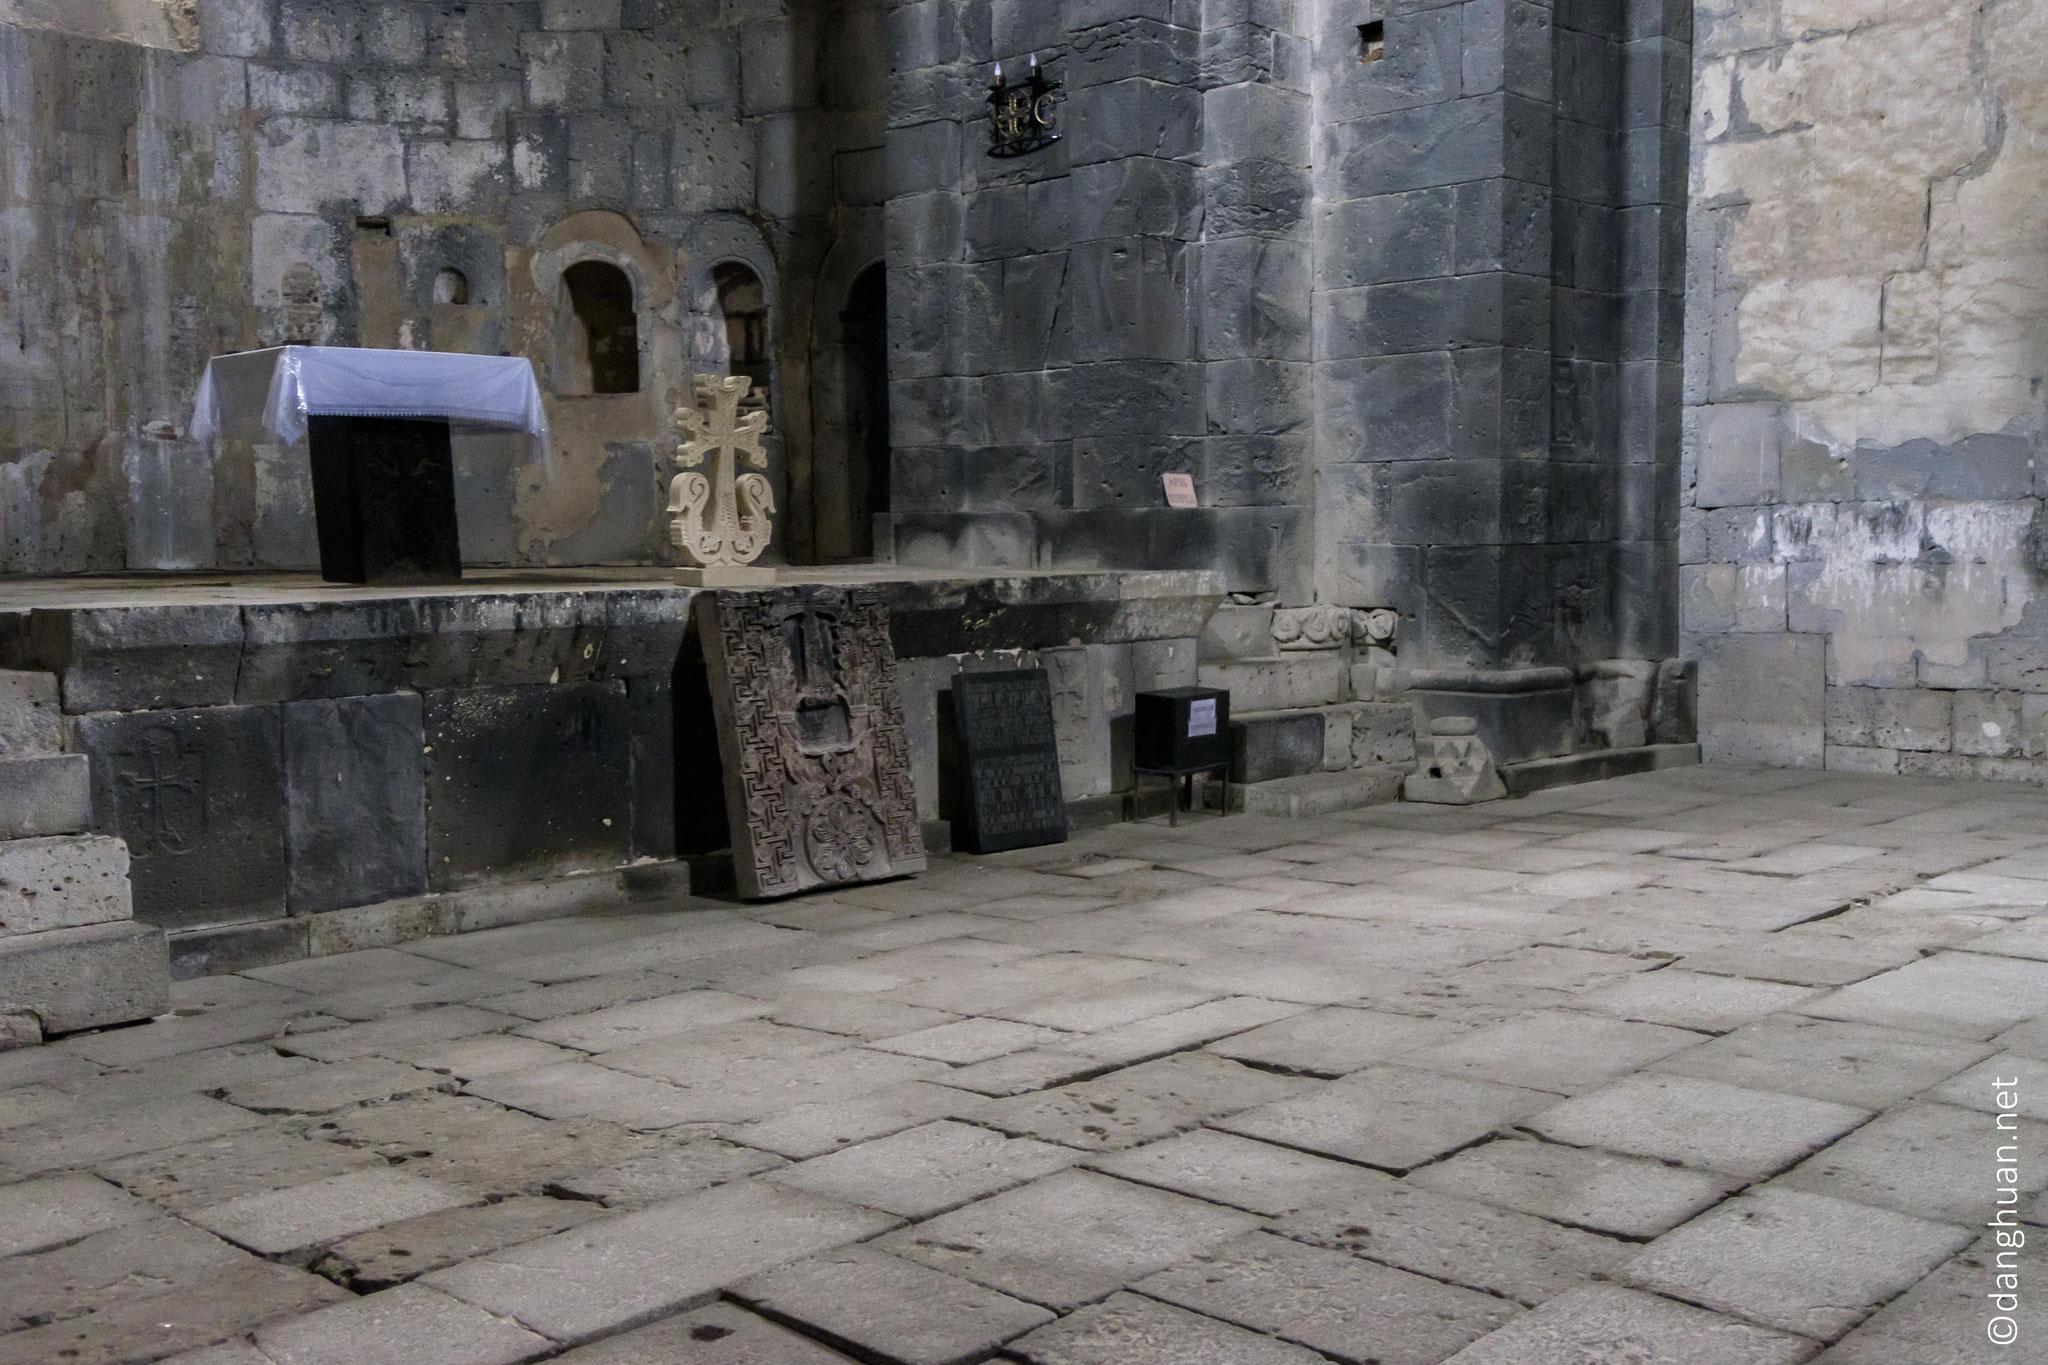 Le plus ancien élément de l'ensemble est l'église Saint Mère de Dieu à partir de 934